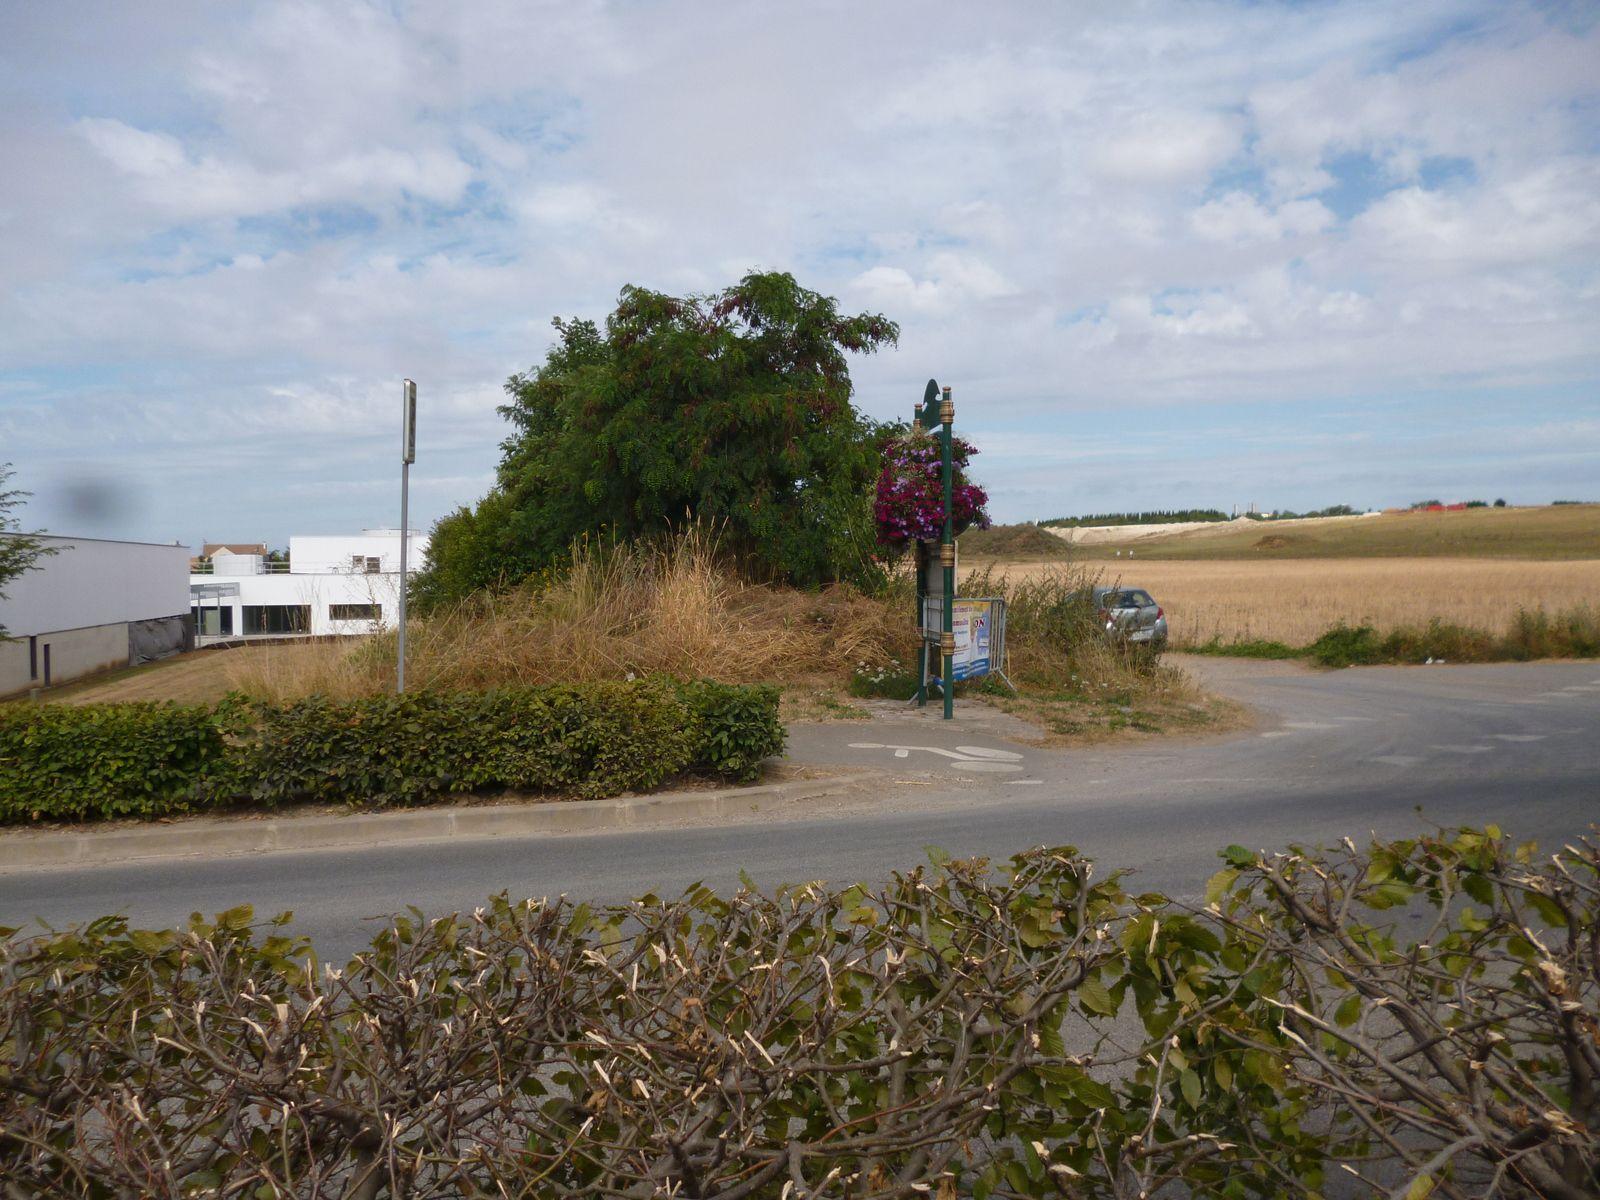 Fresnes sur Marne : école et centre aéré (à gauche) au bord de champs cultivés par l'agriculture intensive et près de la décharge ISDI (à droite)